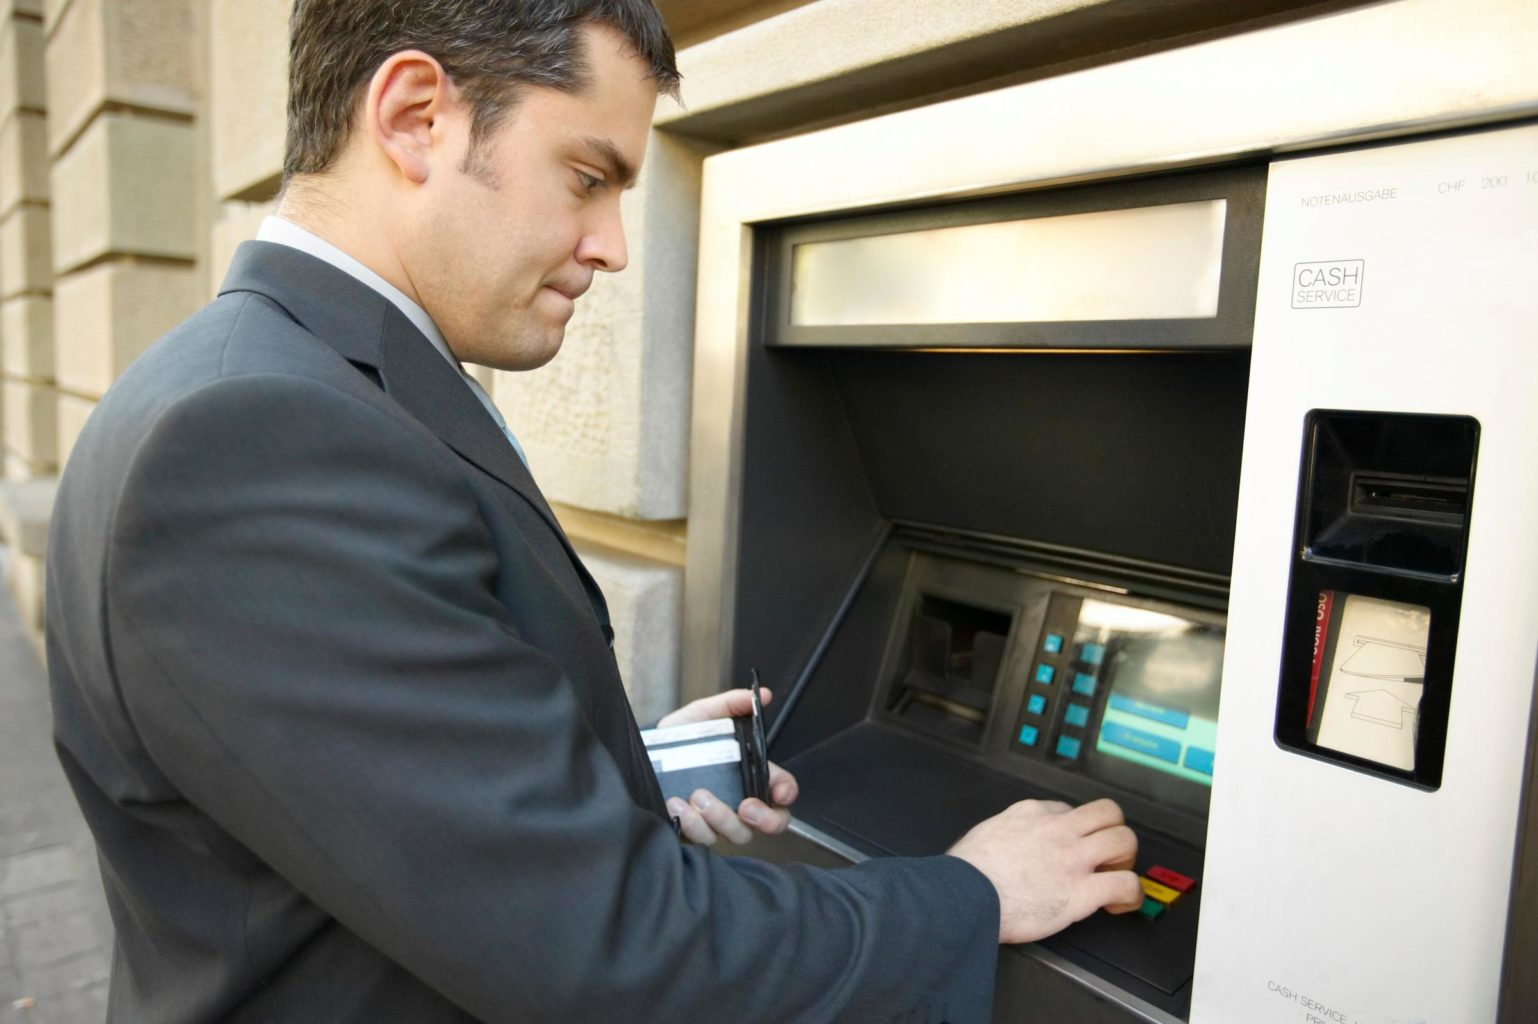 В Казахстане утвердили правила снятия наличных денег